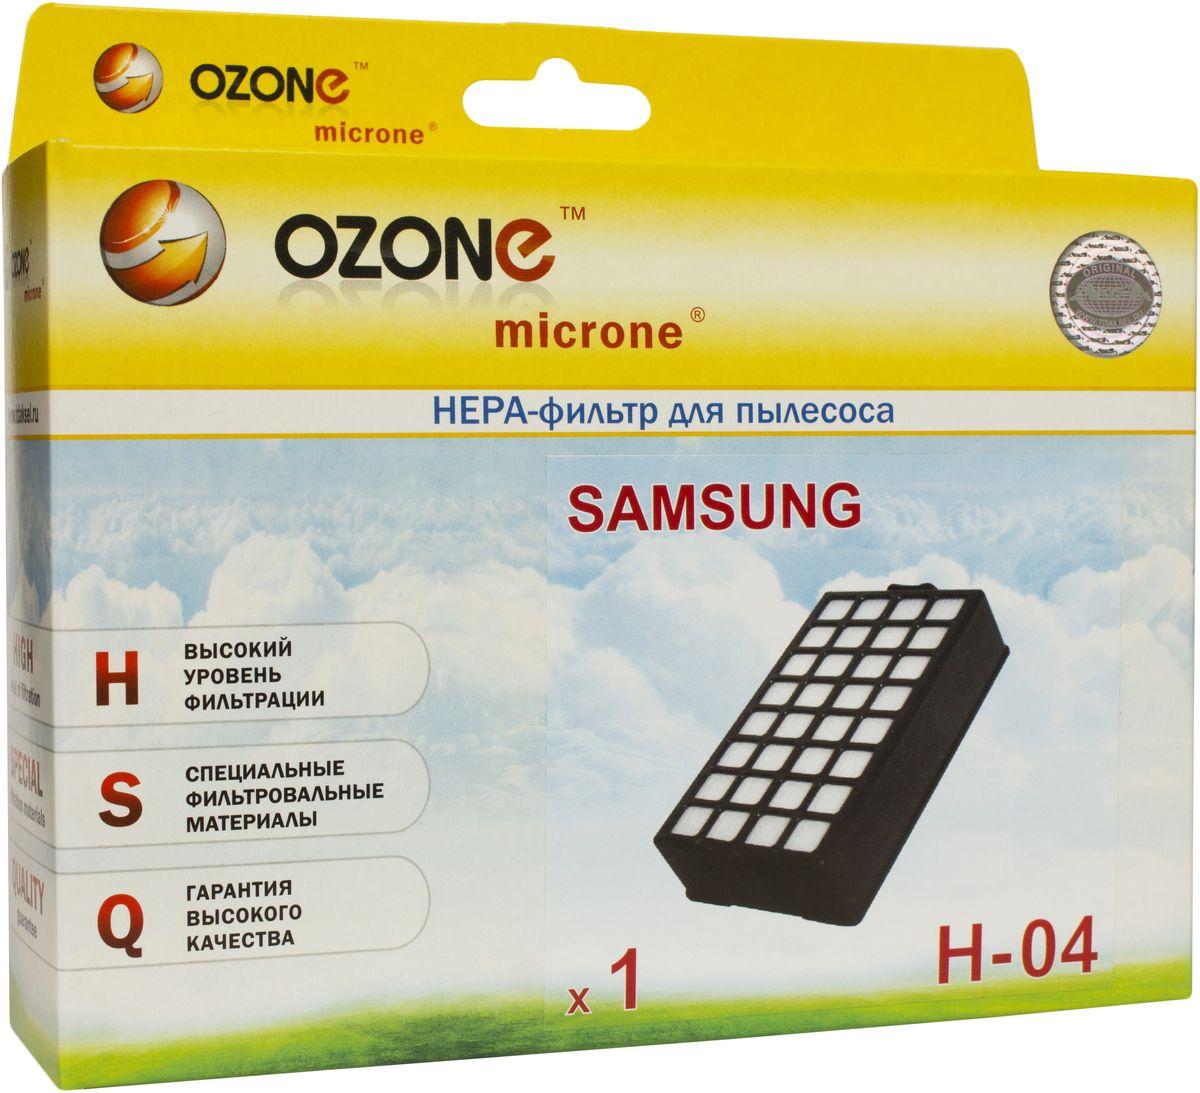 Ozone H-04 HEPA фильтр для пылесоса SamsungH-04HEPA фильтр Ozone microne H-04 высокоэффективной очистки предназначен для завершающей очистки воздуха в помещении, которое требует высокое качество воздуха, например, медицинских помещений. Фильтр состоит из мелкопористых материалов, что служит эффективному задерживанию частиц размером до 0,3 мкм. Фильтры HEPA последнего поколения имеют степень очистки воздуха около 95-97%. Фильтры не подлежат к промывке, а значит, они являются одноразовыми.